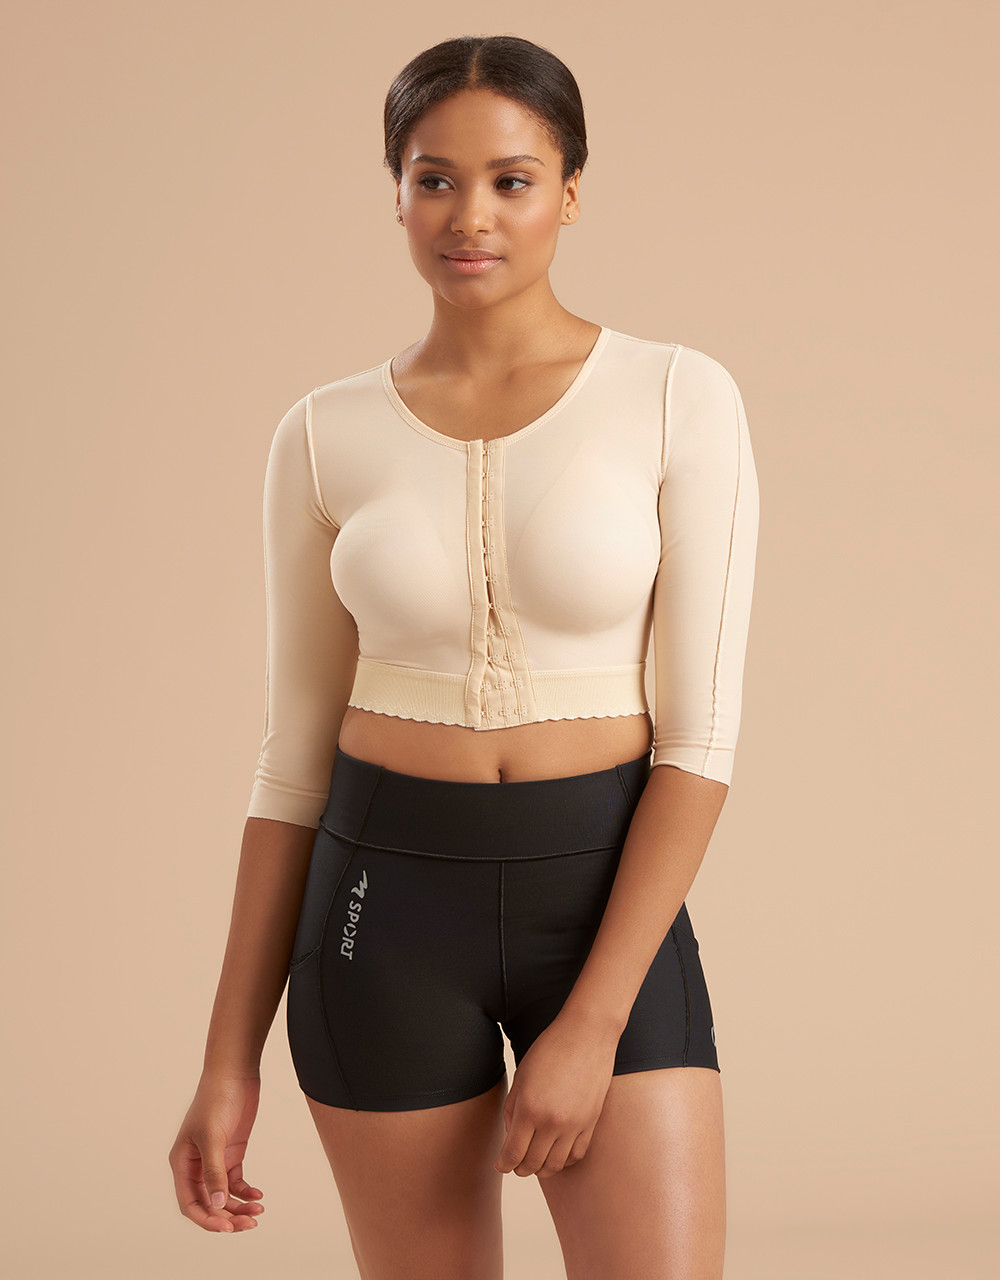 09800d28f13 3 4-Length Sleeve Compression Vest